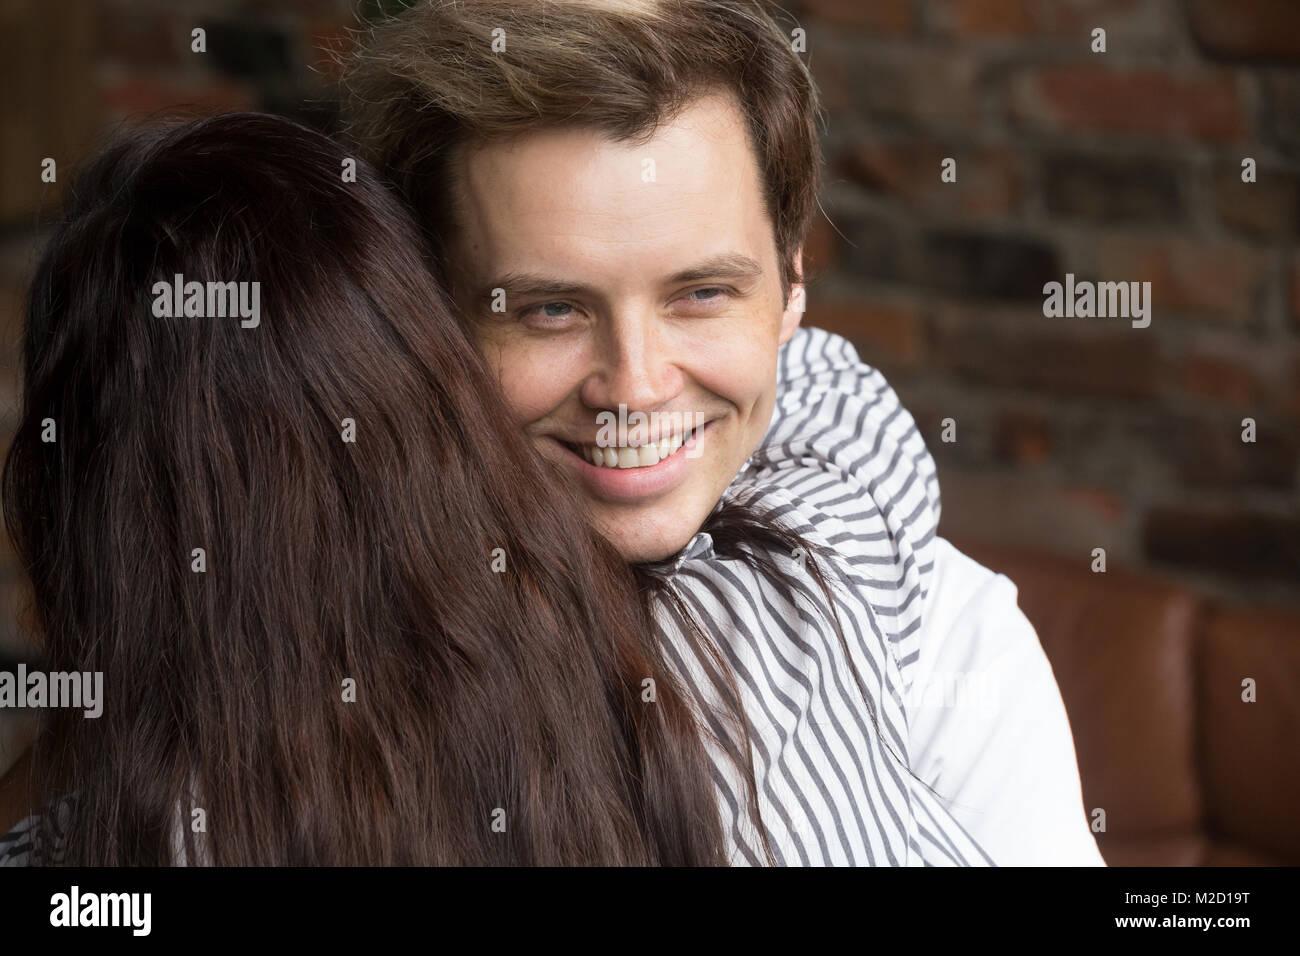 Sly joven mentiroso hombre felizmente sonriente mientras la mujer abrazando a él Imagen De Stock